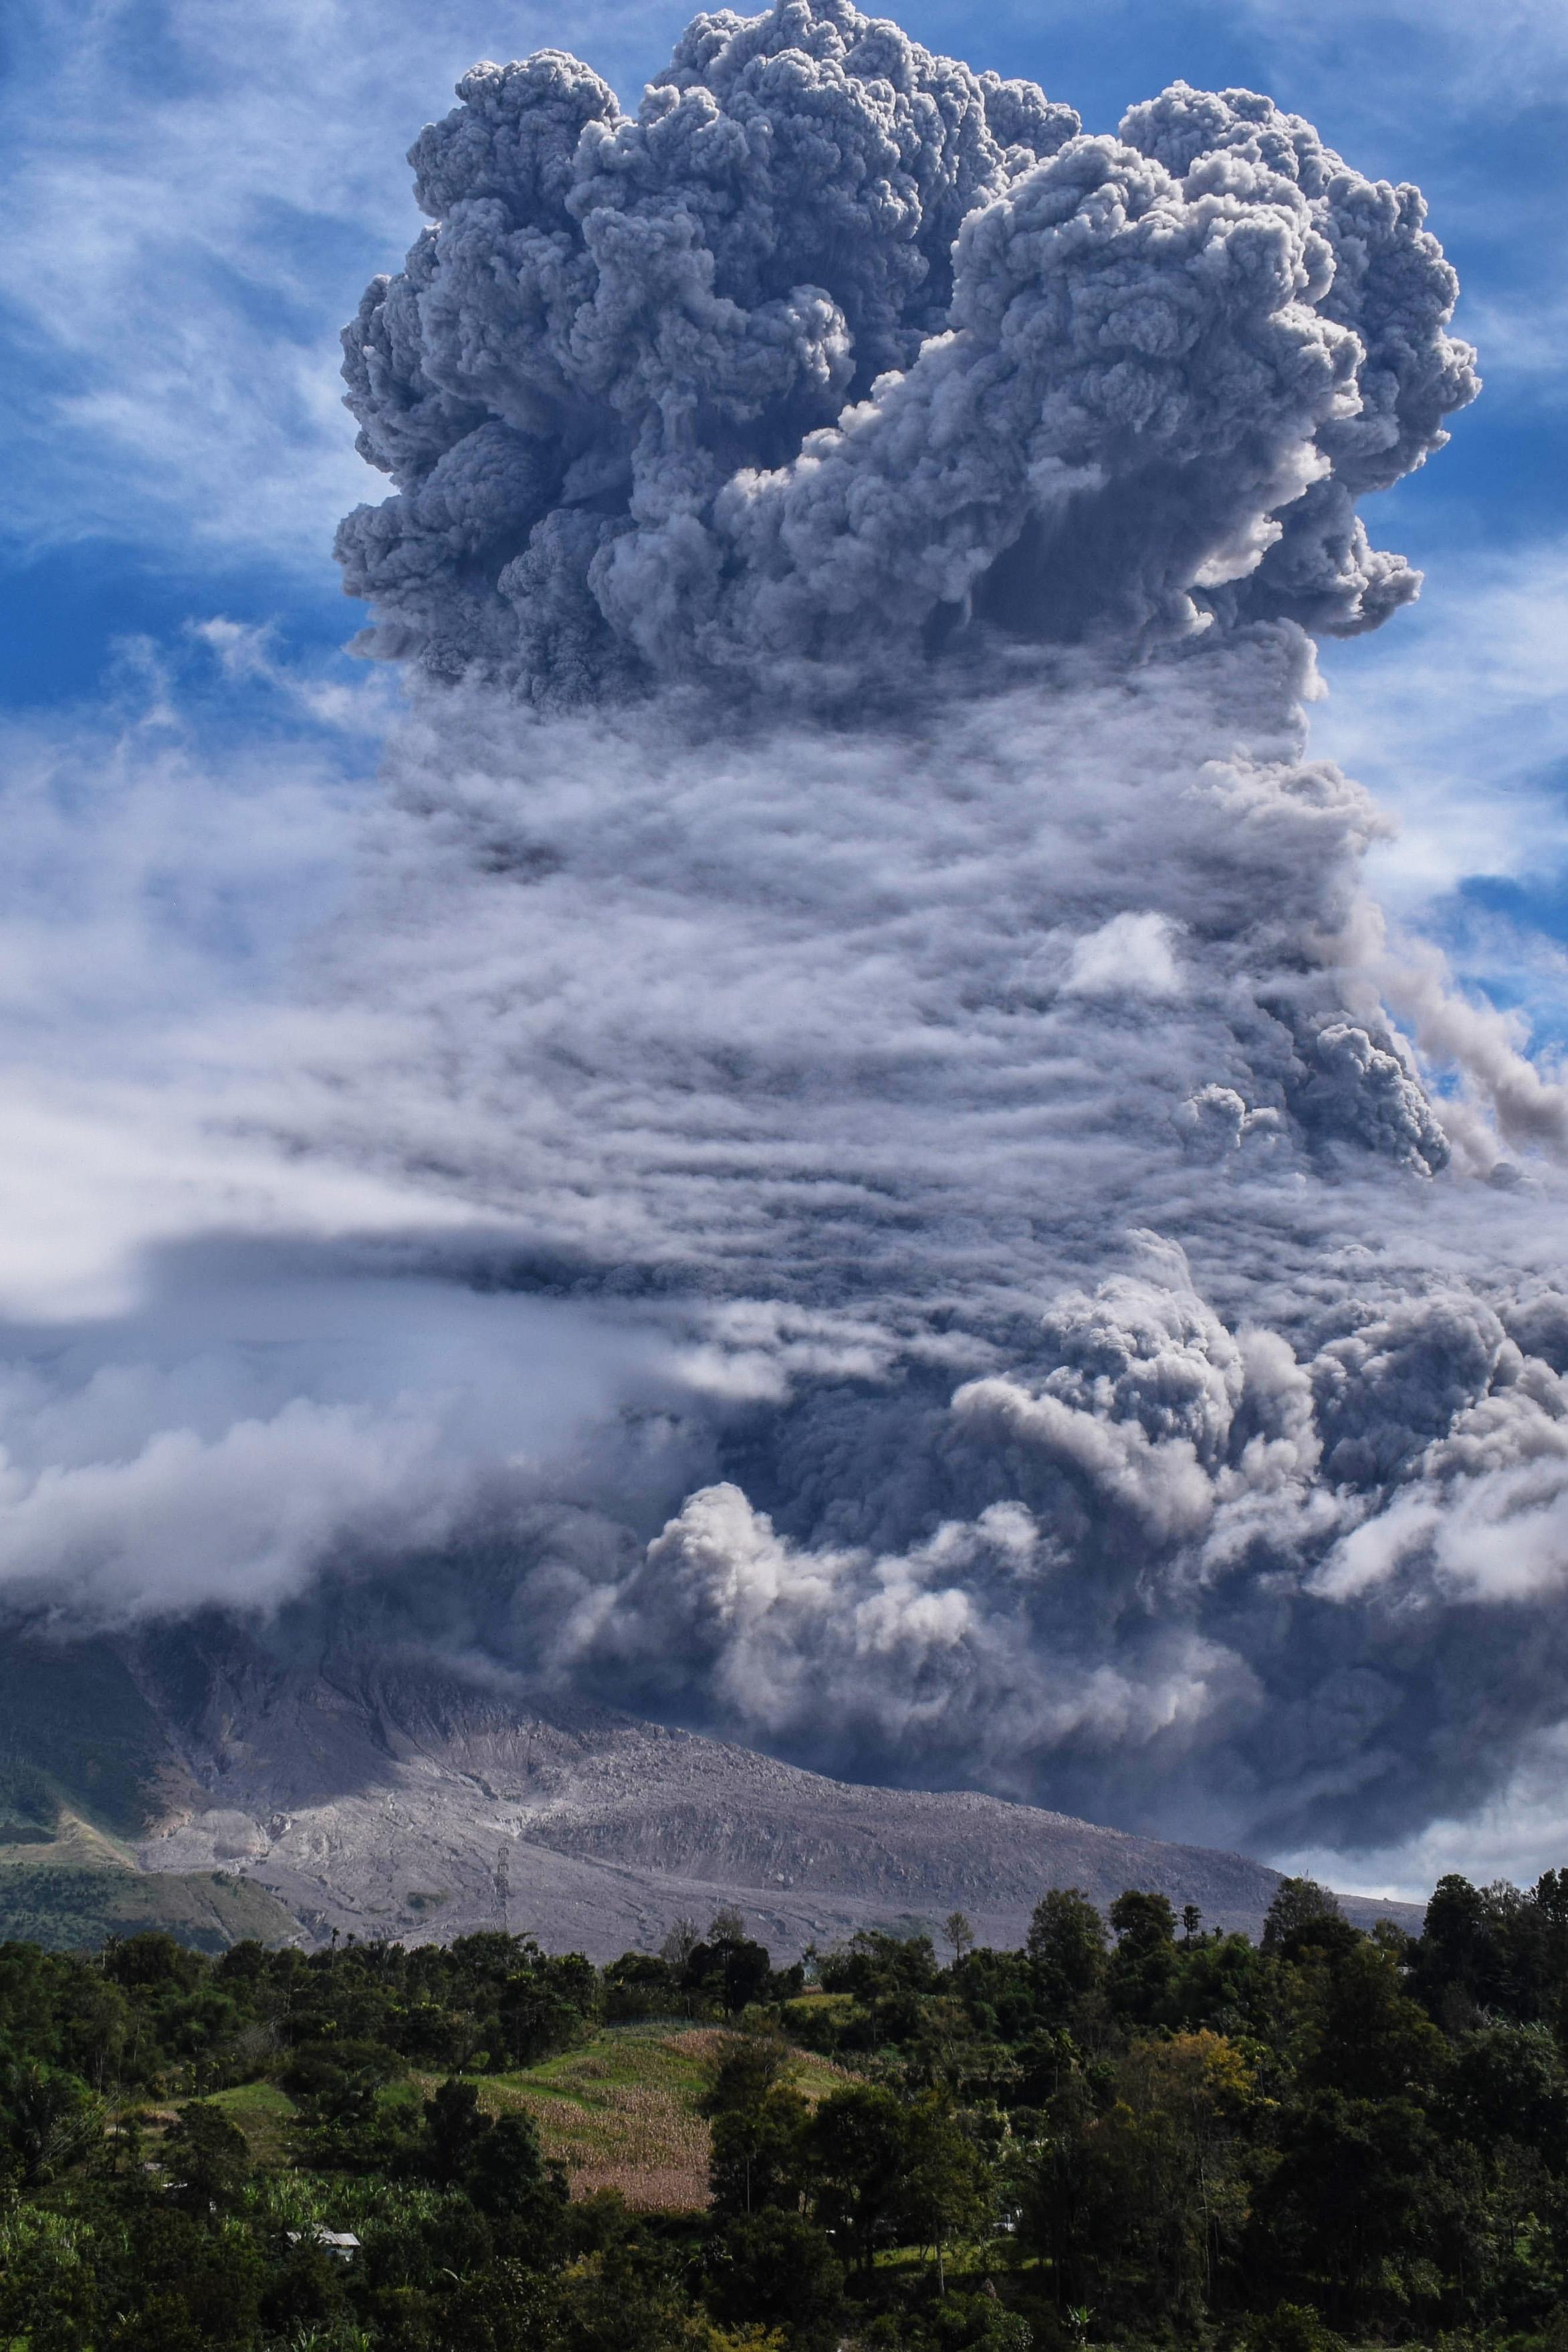 印尼锡纳朋火山喷发